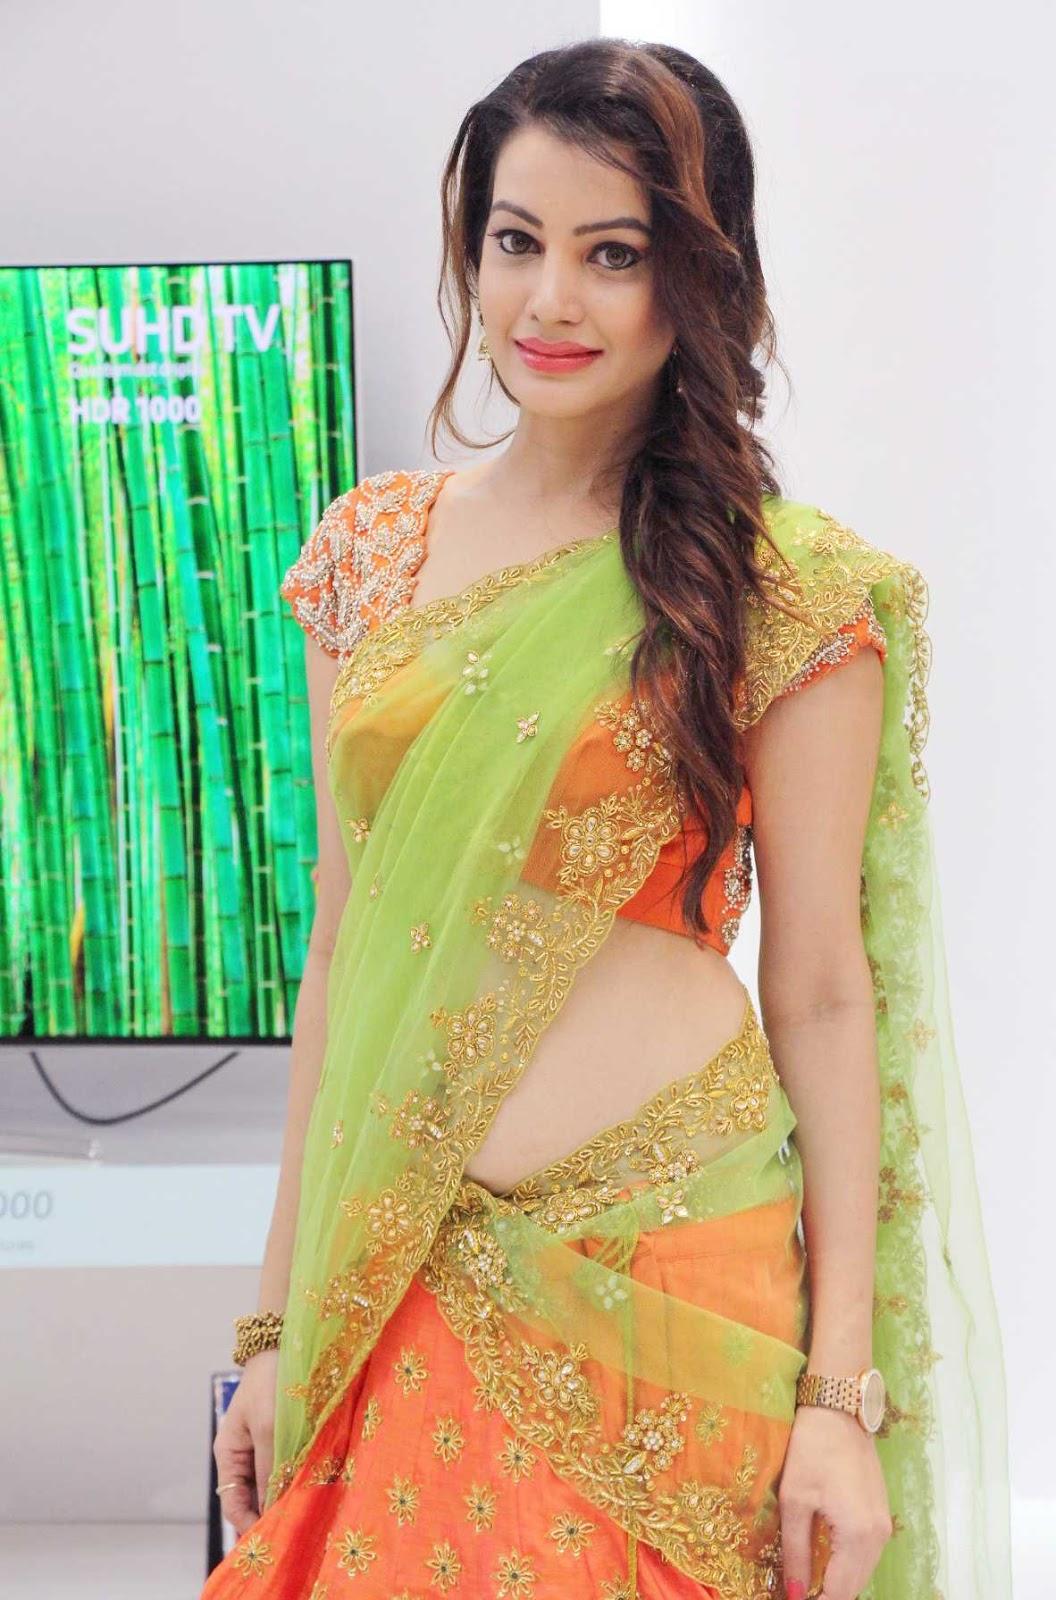 saree market: south indian actress diksha panth in party wear saree